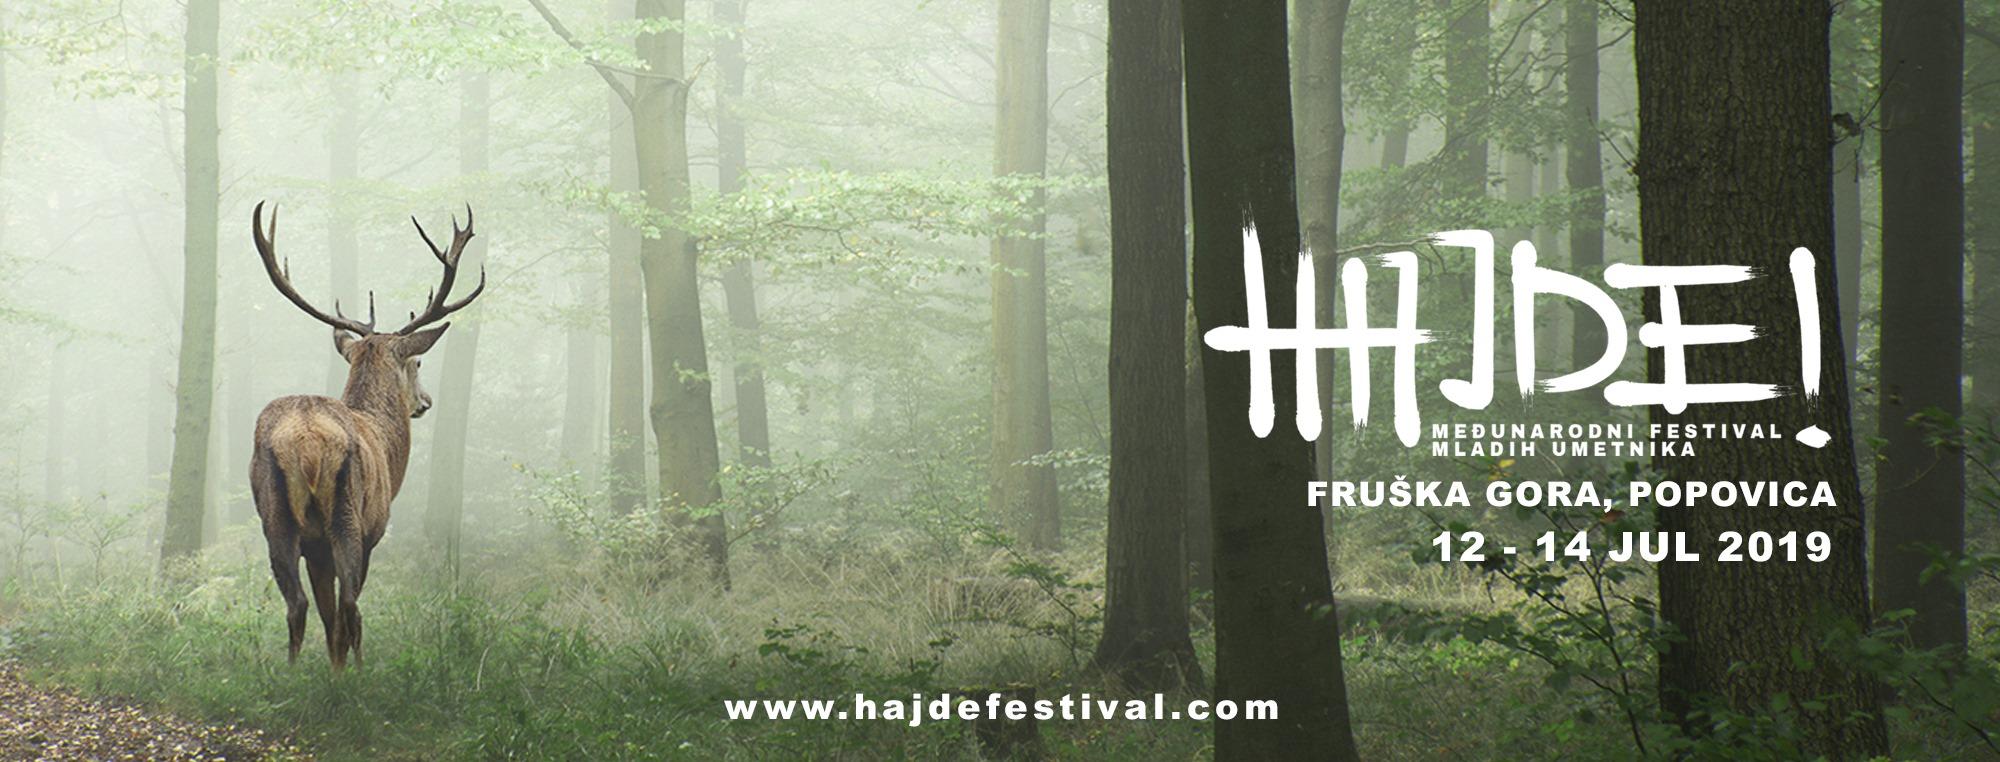 HAJDE FESTIVAL 12 – 14.07.2019. Izletiste Popovica